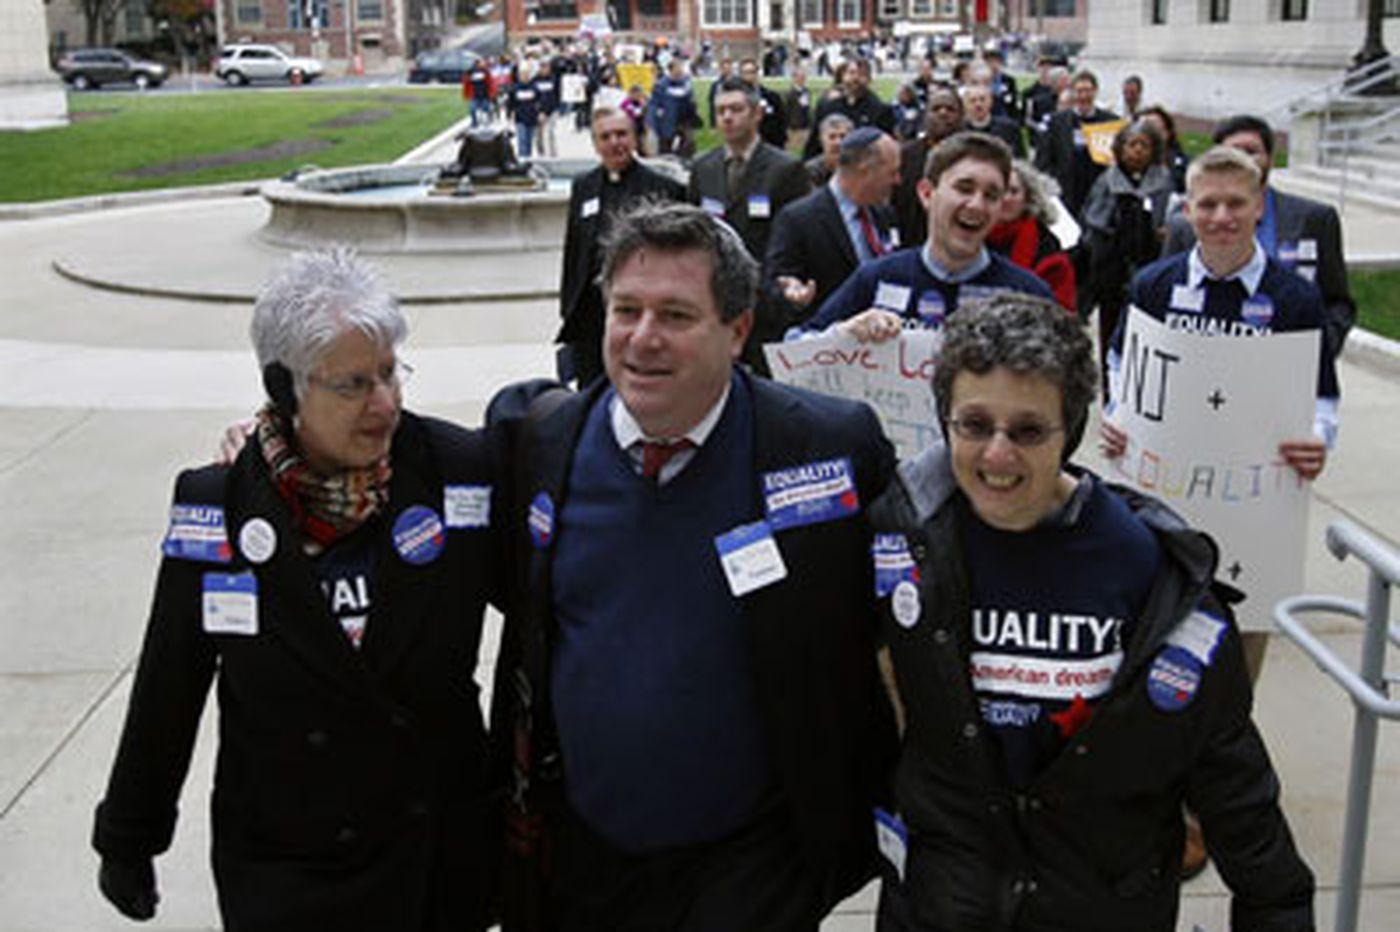 Same-sex marriage proponent's fervor backfires, some say